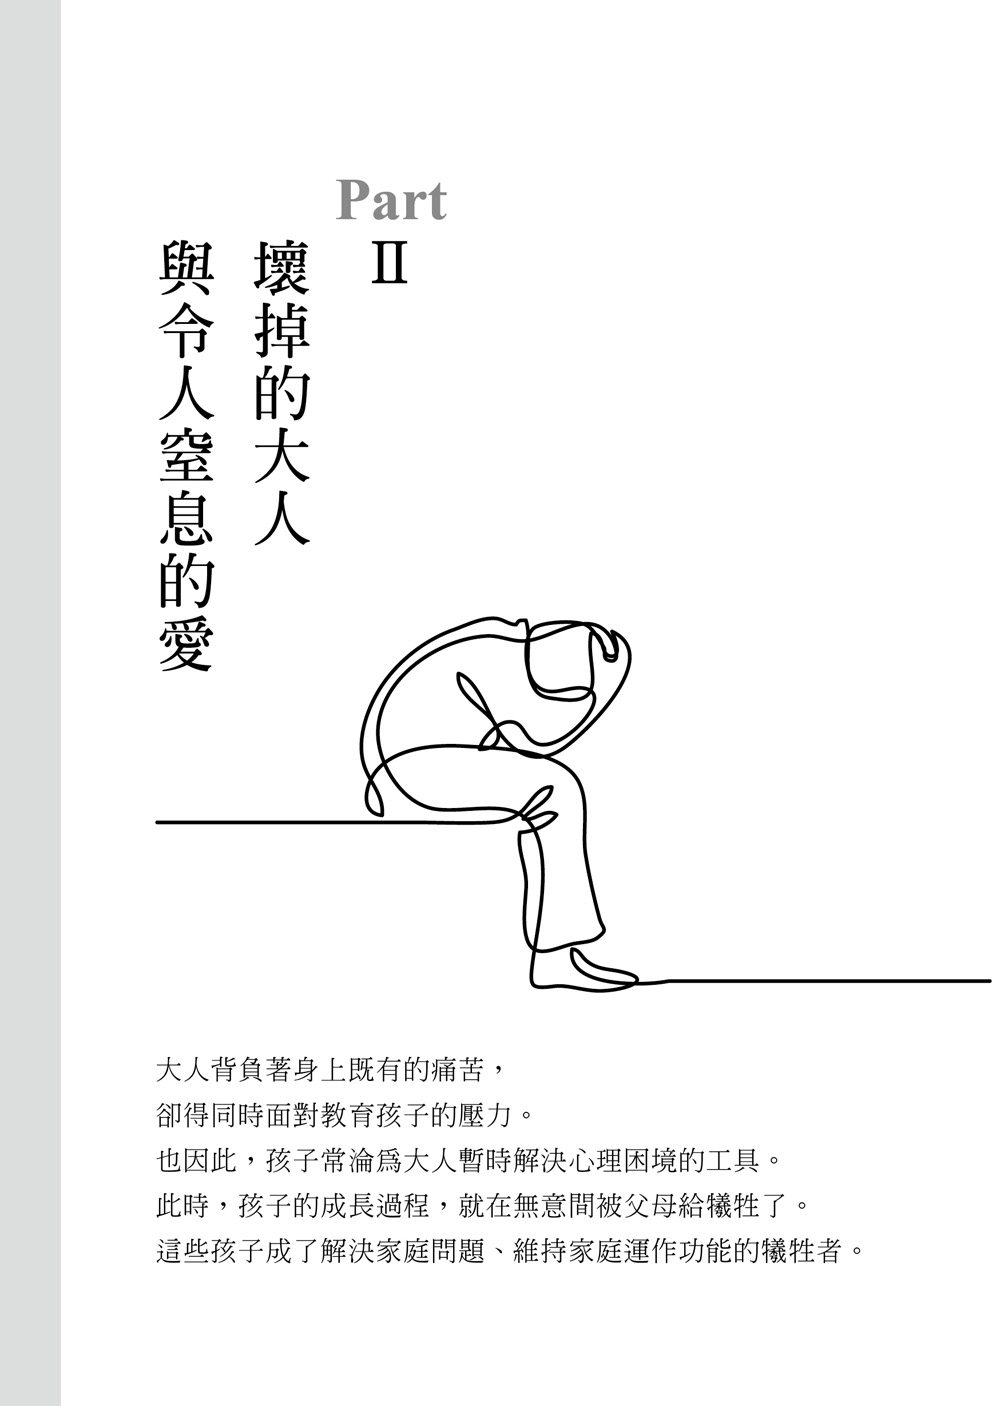 //im2.book.com.tw/image/getImage?i=http://www.books.com.tw/img/001/077/08/0010770814_b_09.jpg&v=5a0c1766&w=655&h=609